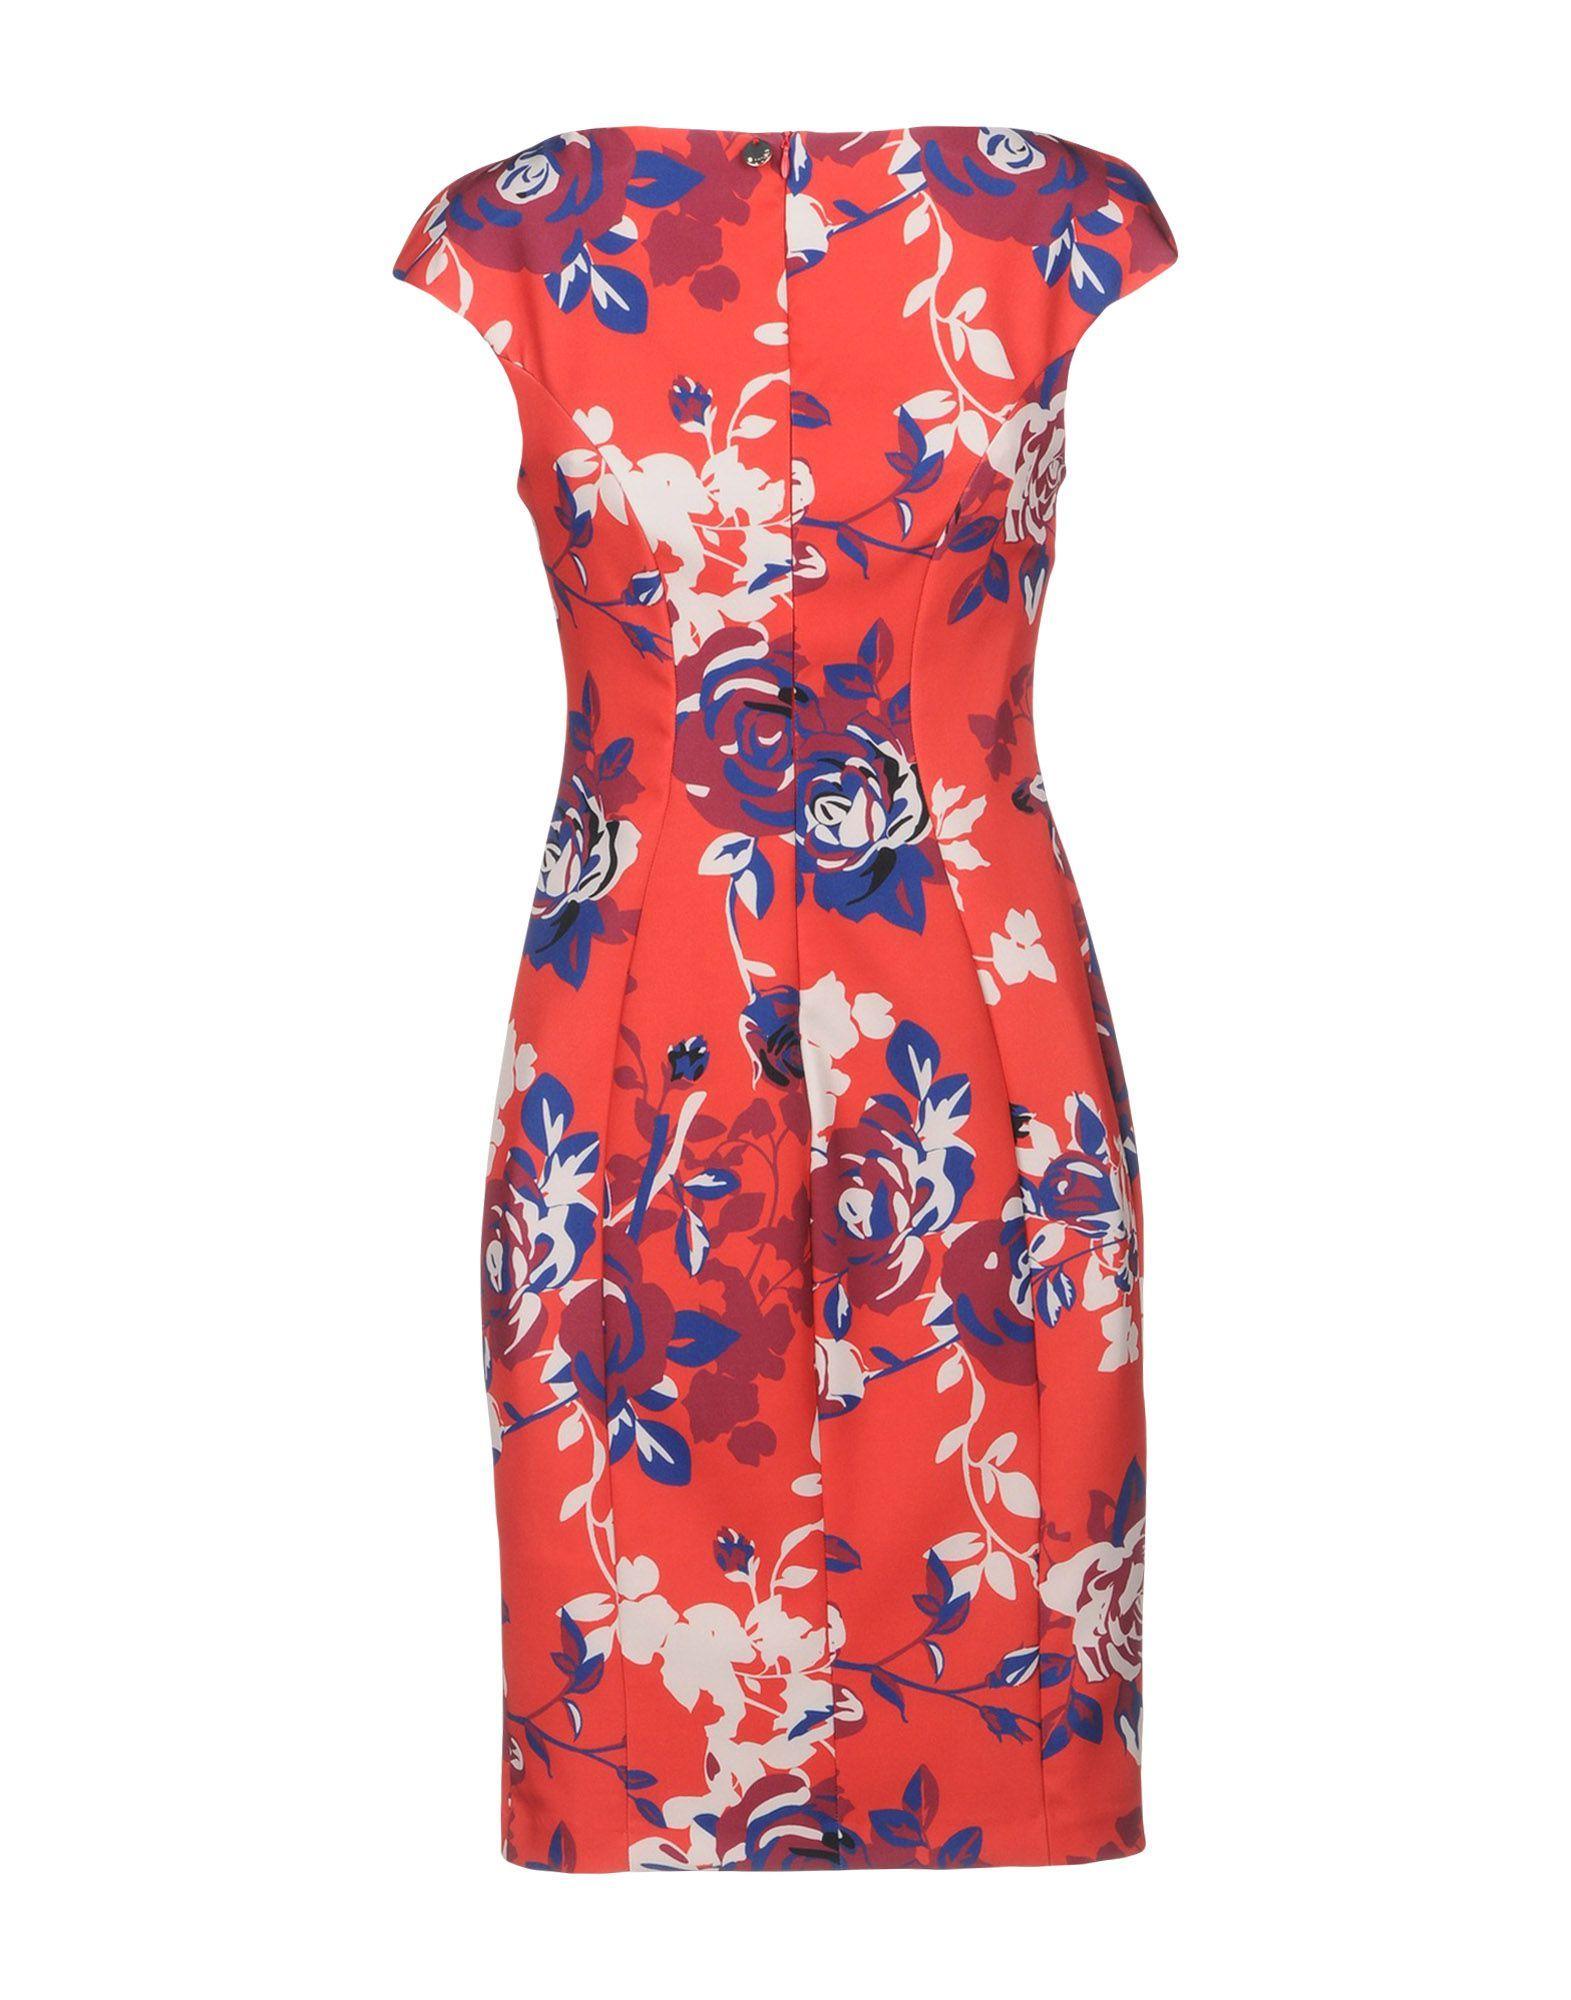 Liu Jo Red Print Short Dress